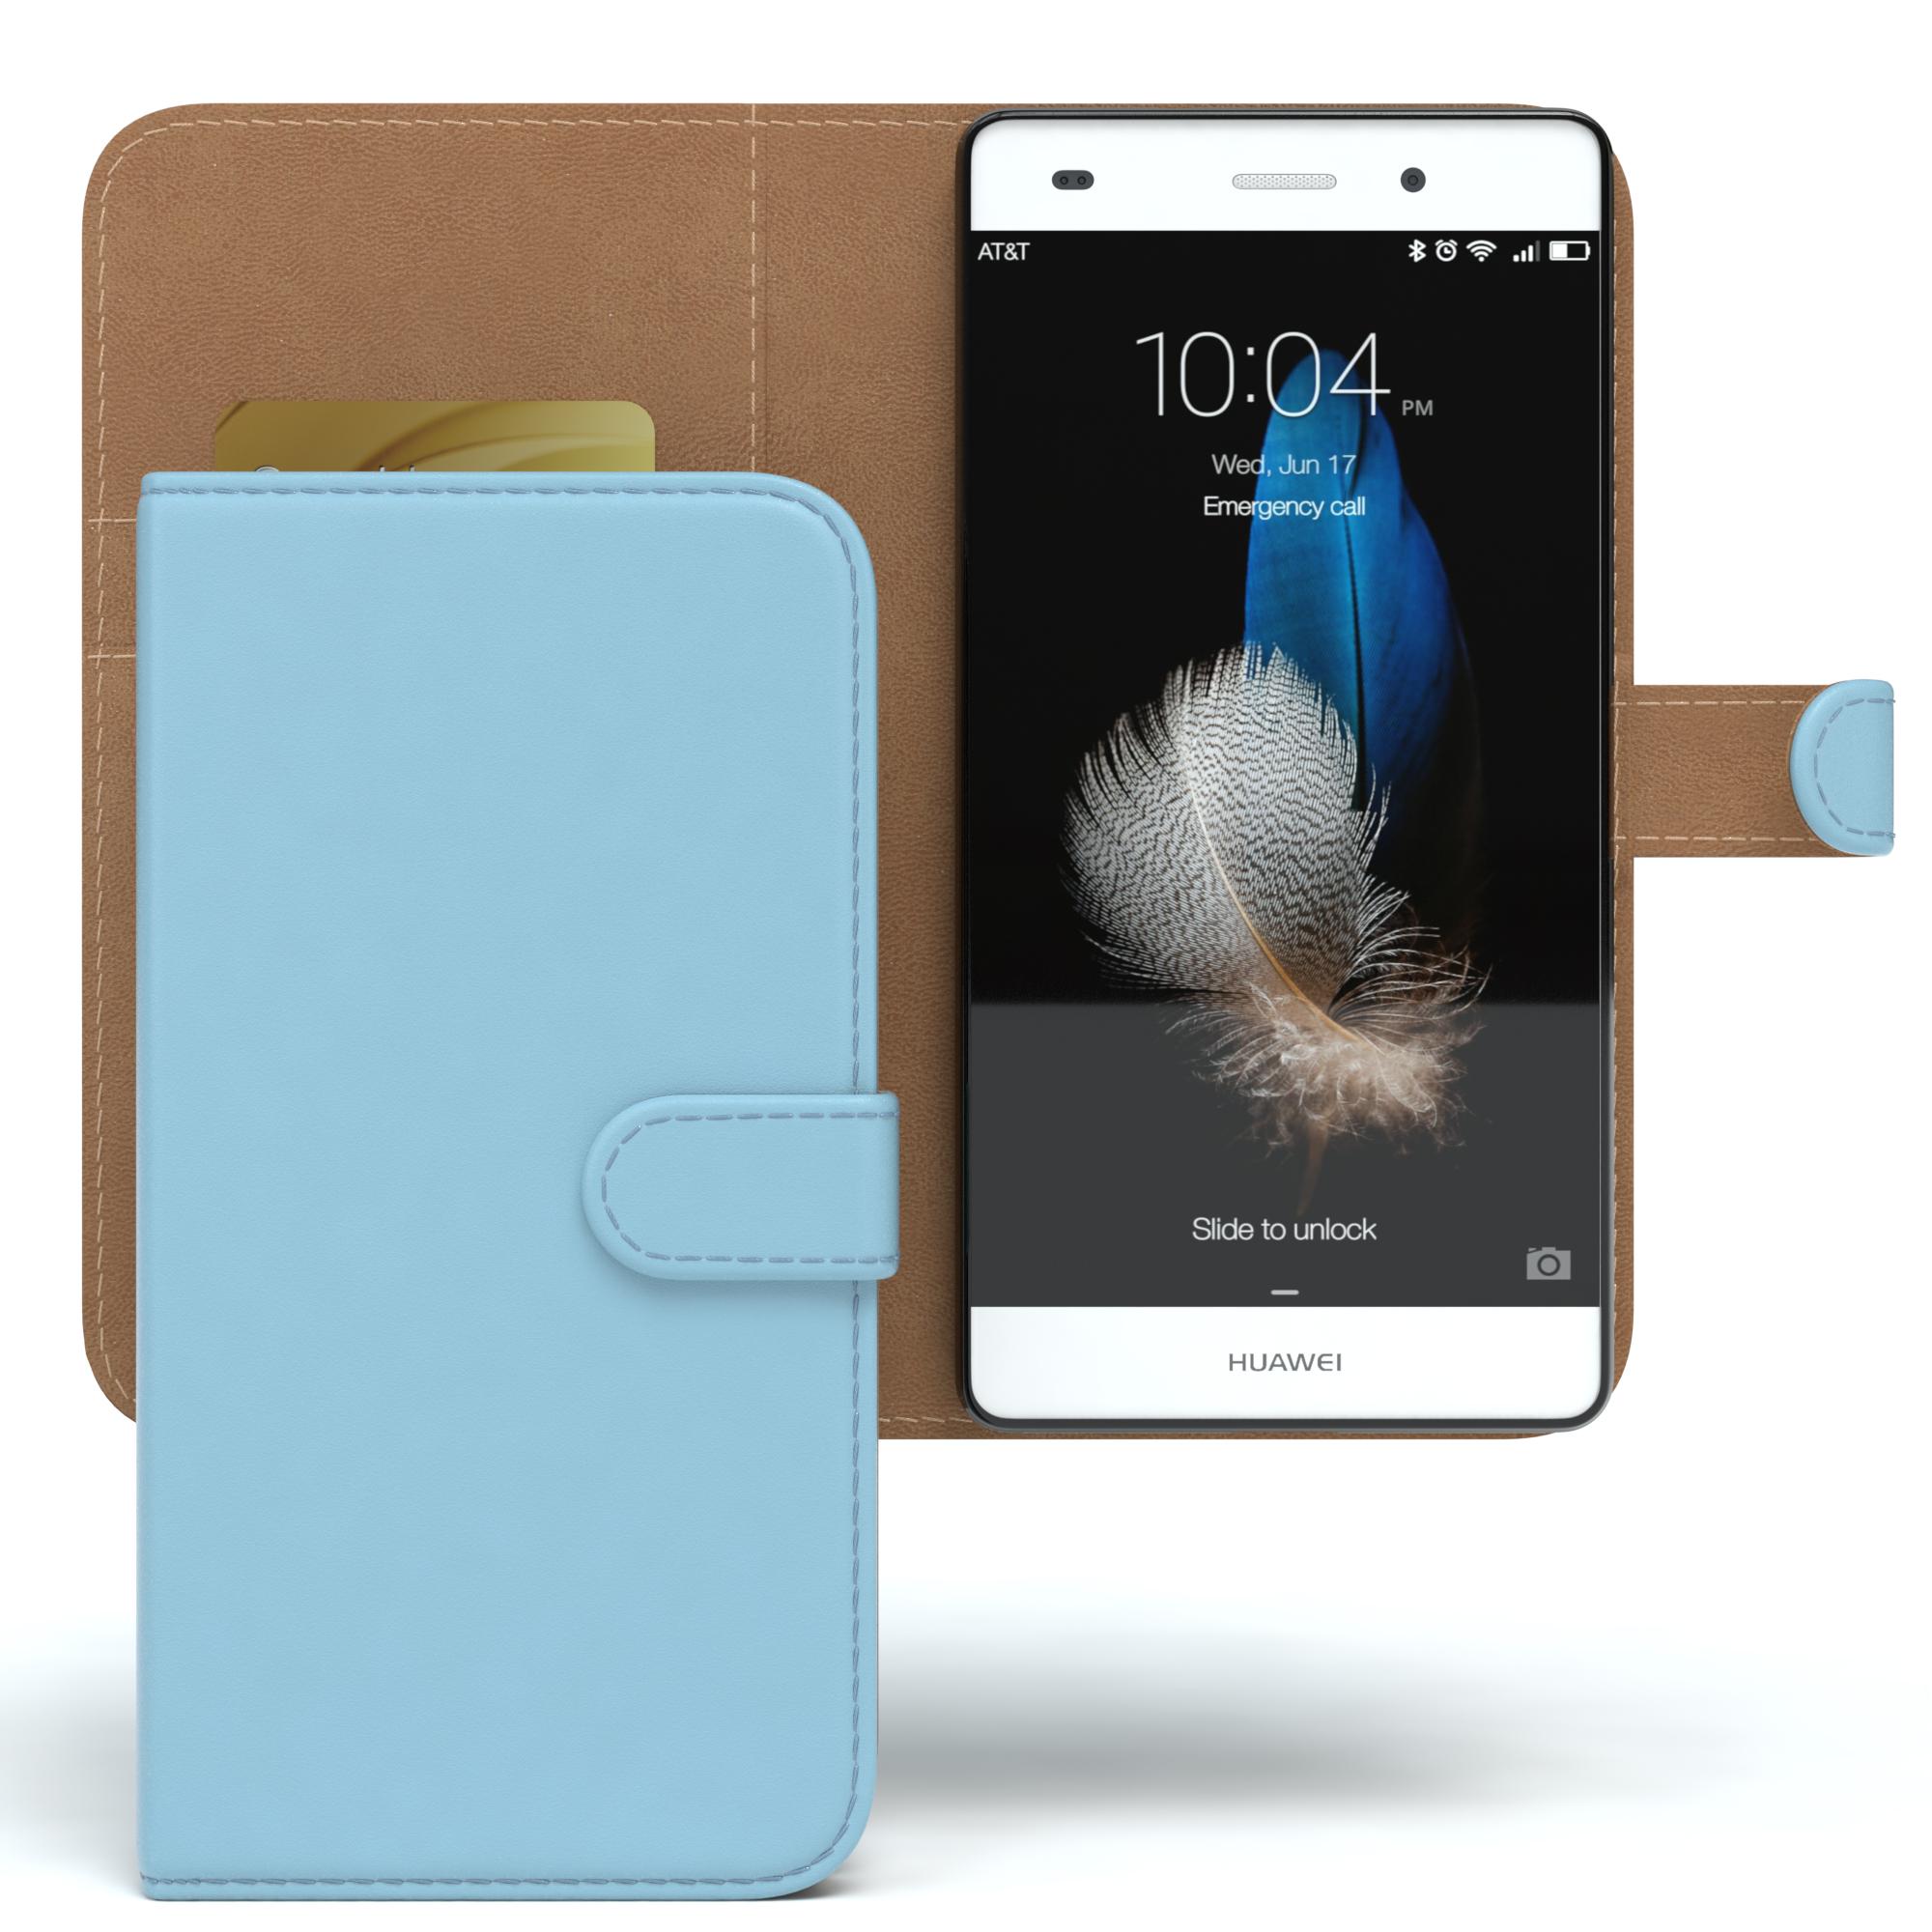 Tasche für Huawei P8 Lite (2015) Case Wallet Schutz Hülle Cover Hellblau